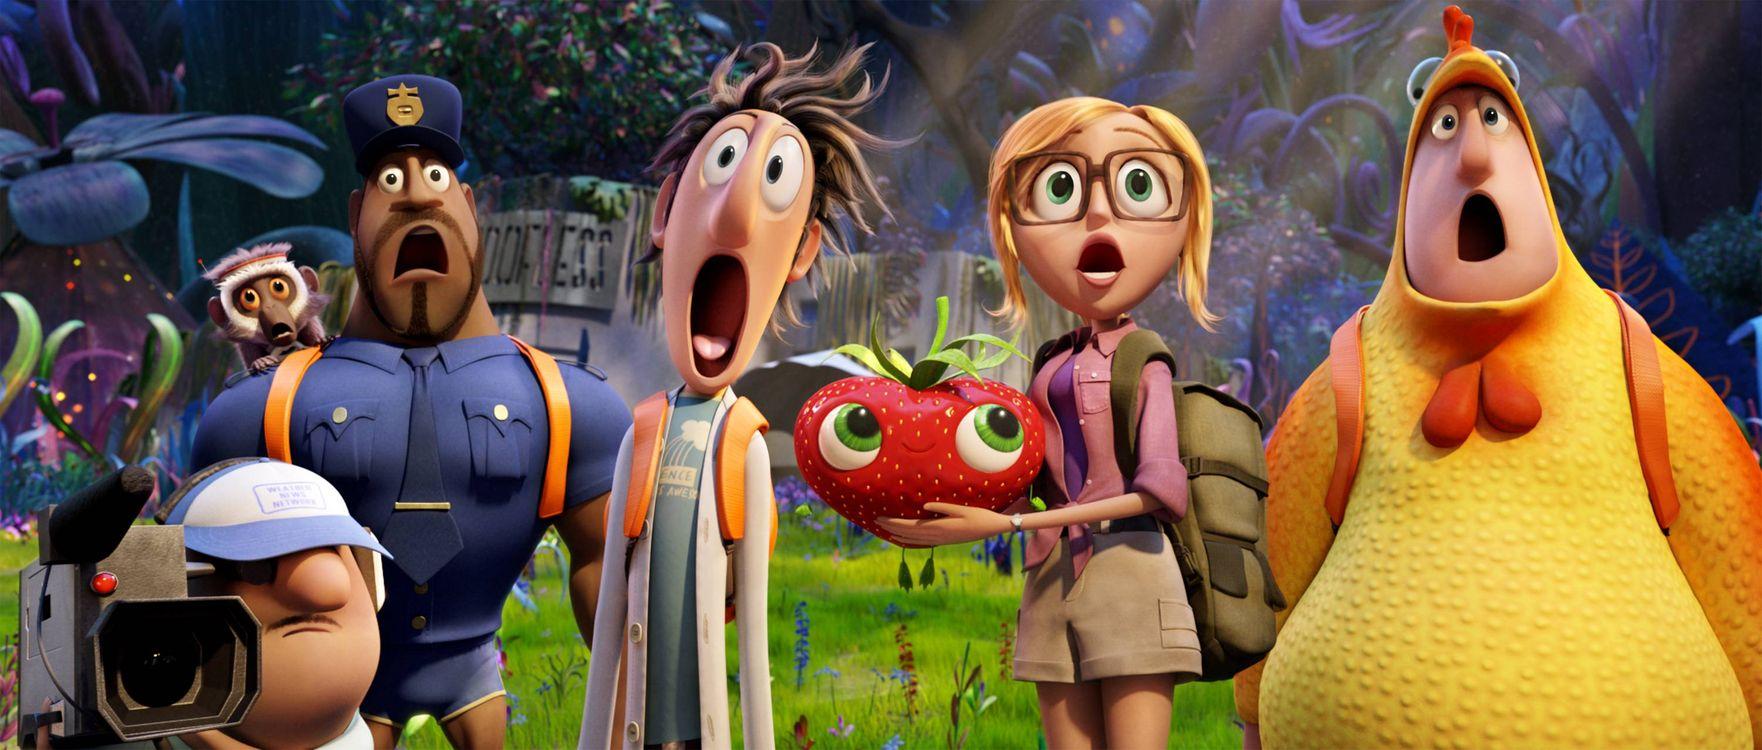 Фото бесплатно Облачно 2 Месть ГМО, Cloudy with a Chance of Meatballs 2, мультфильм, фэнтези, комедия, семейный, мультфильмы